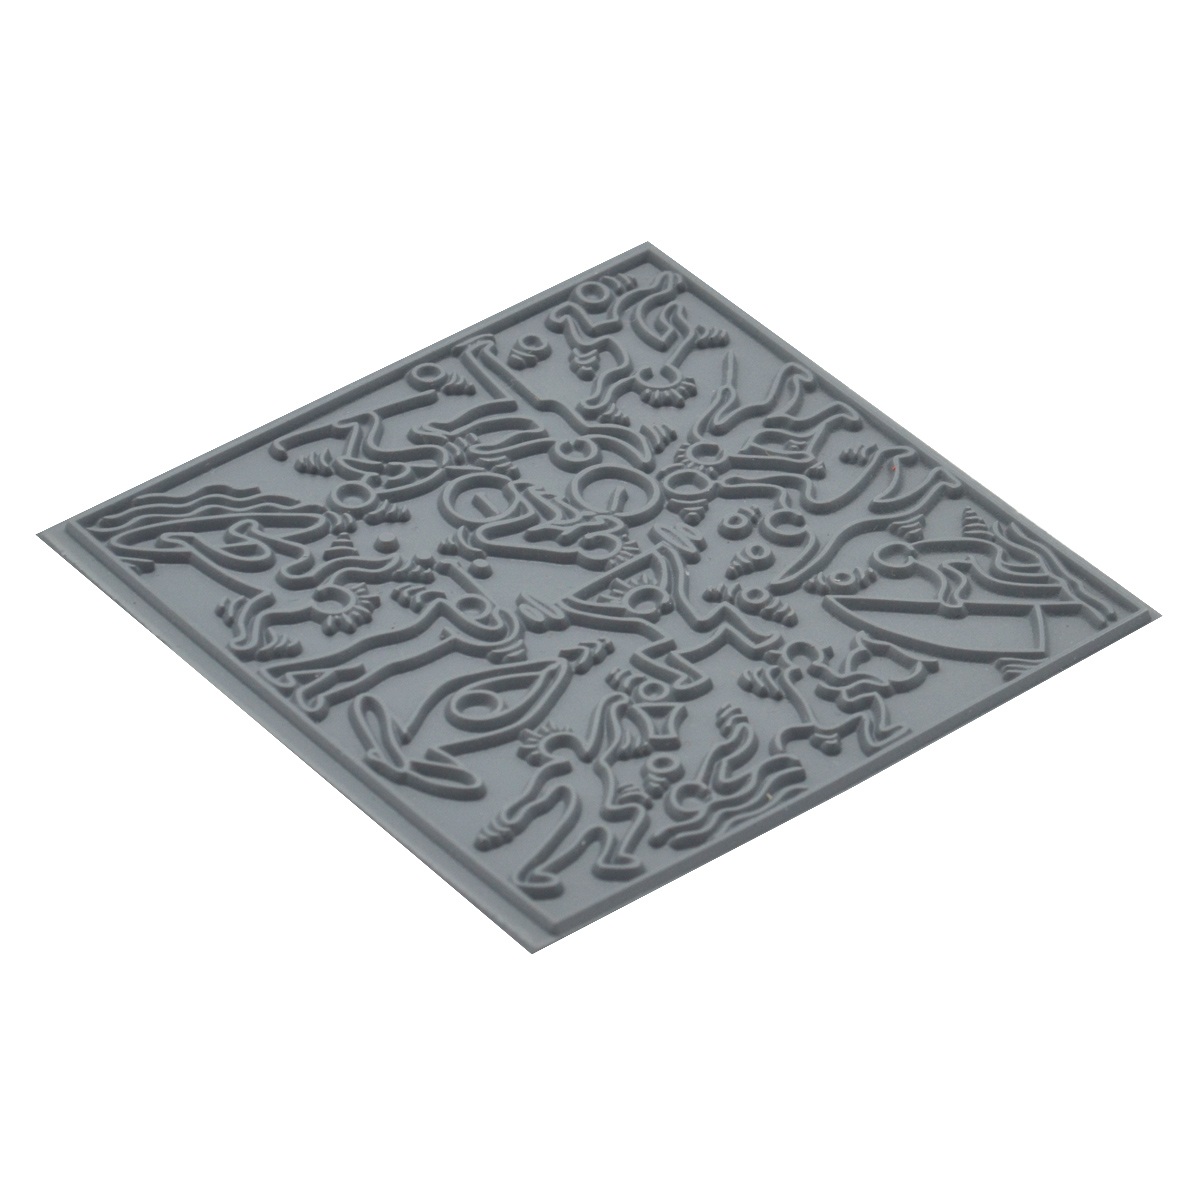 CE95024 Текстура для пластики резиновая 'Спорт', 9х9 см